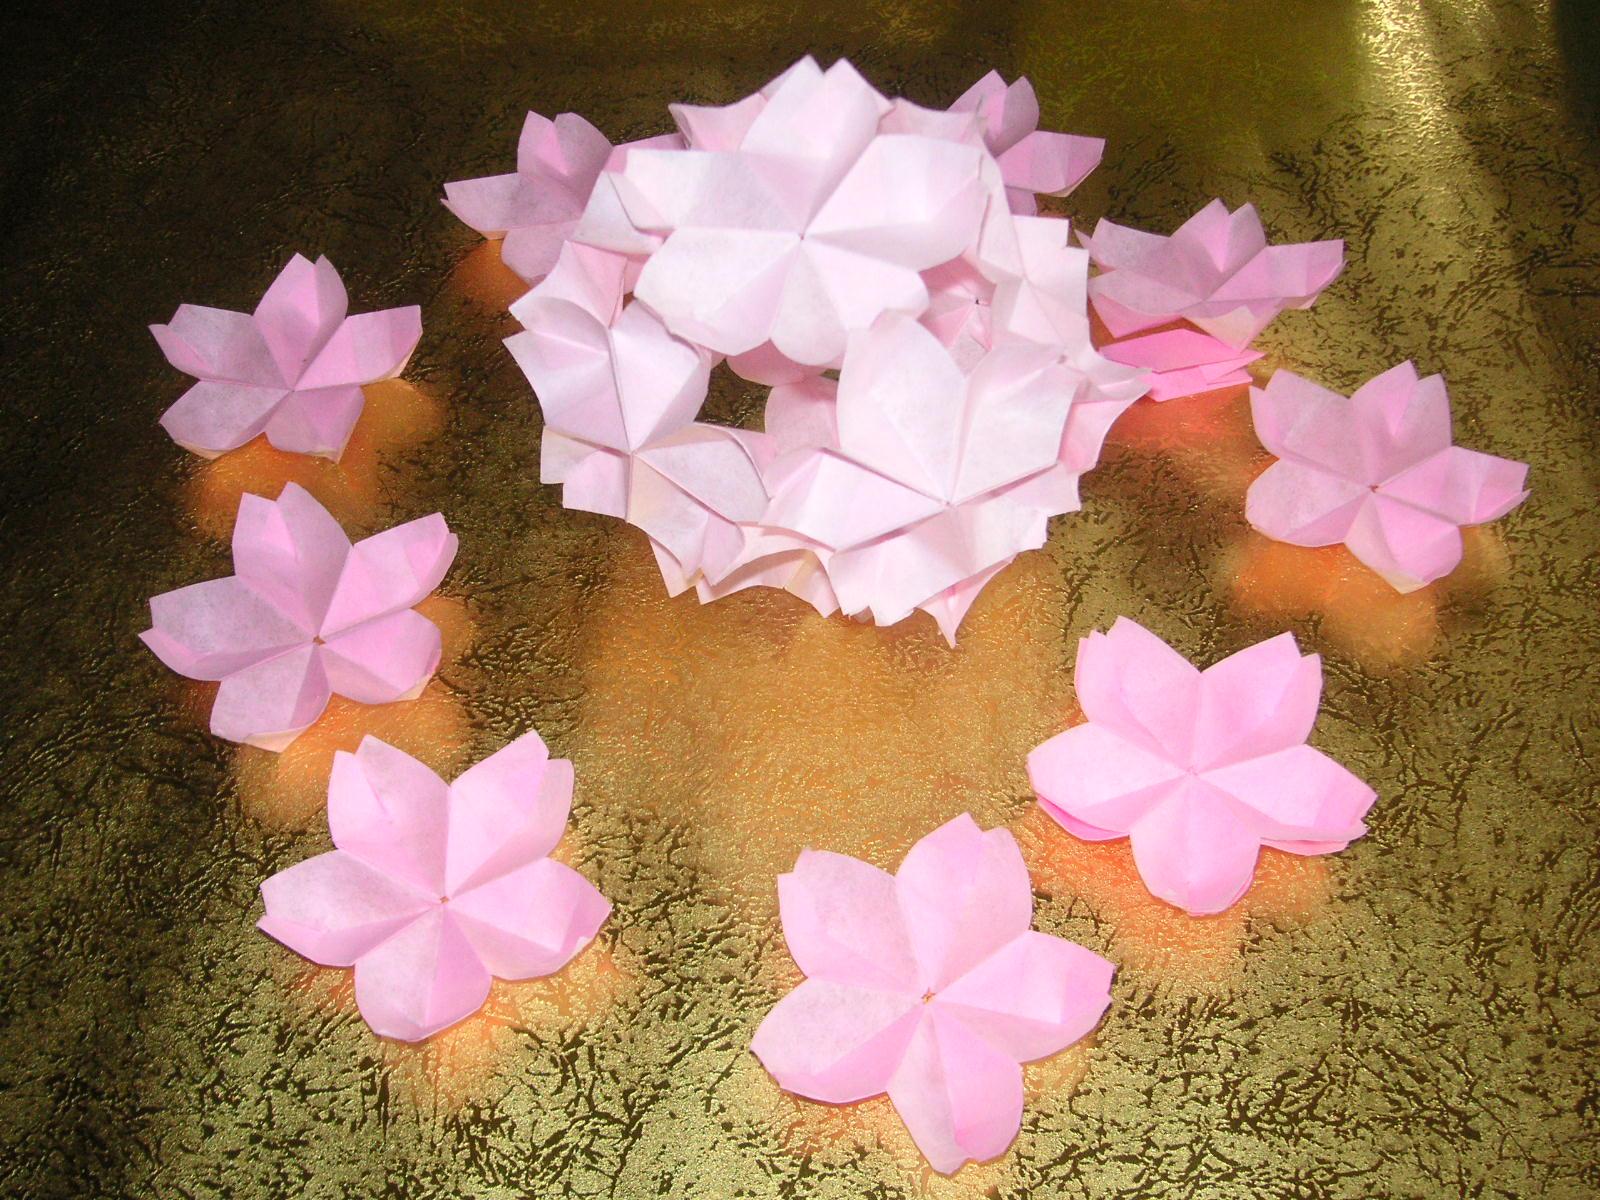 すべての折り紙 桃 折り紙 折り方 : ⑭ 各花の の部分のみに糊 ...